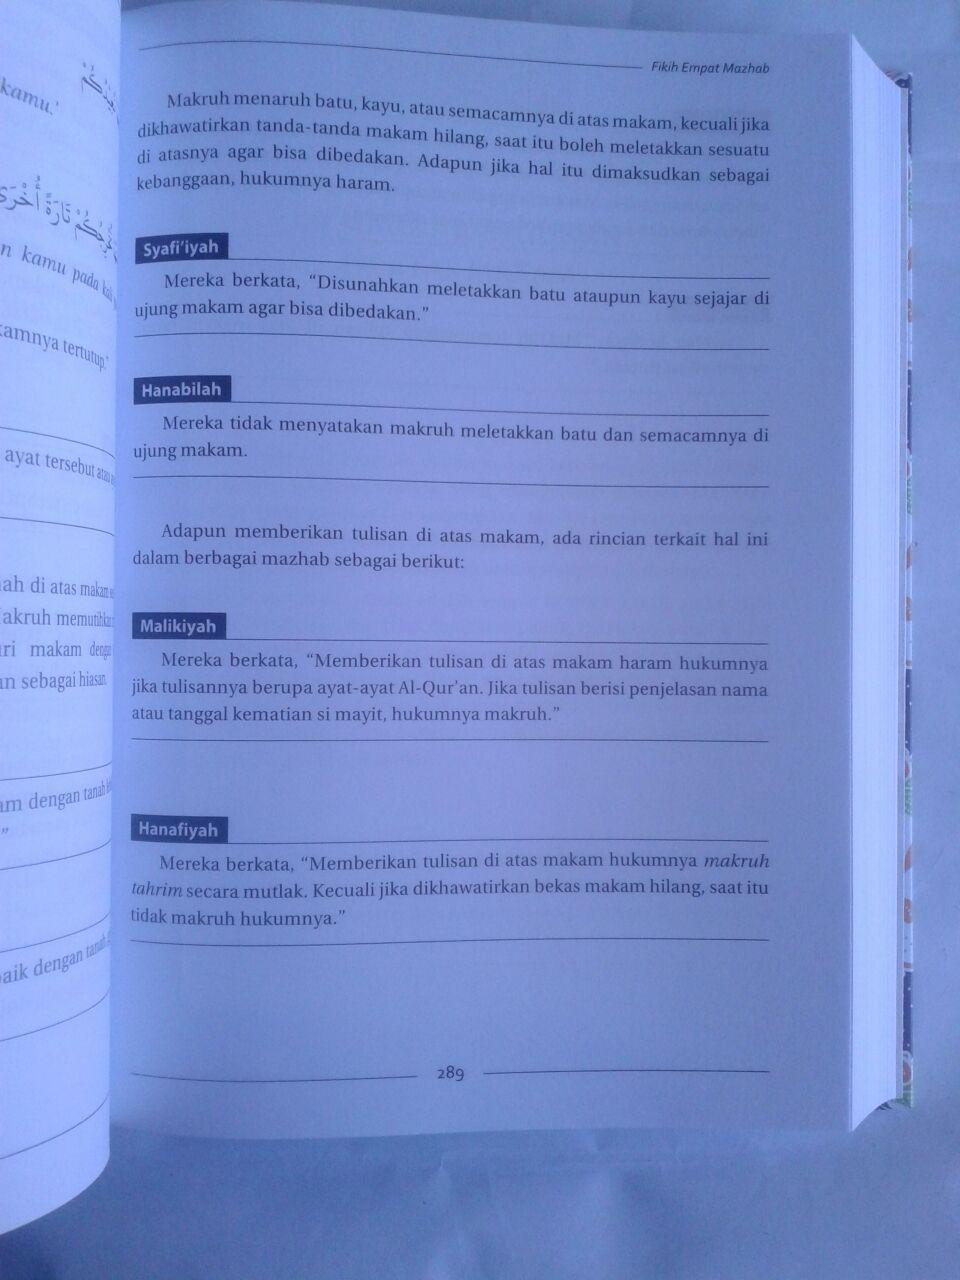 Buku Fikih Empat Madzhab Praktis 1 Set 2 Jilid isi 5